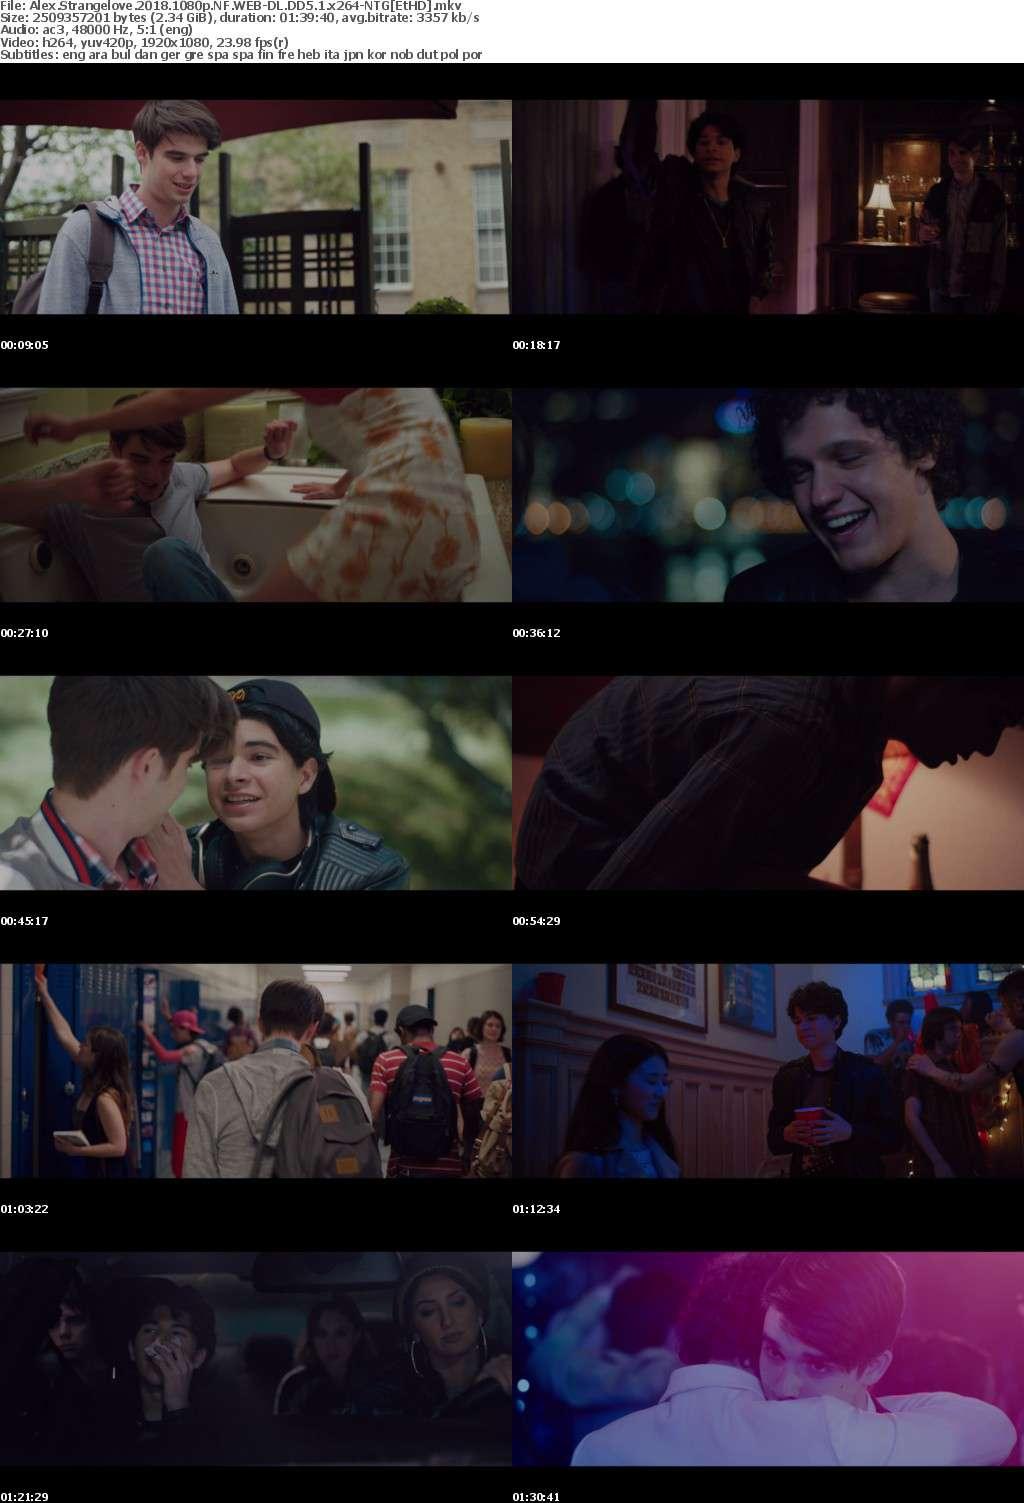 Alex Strangelove (2018) 1080p NF WEB-DL DD5 1 x264-NTG